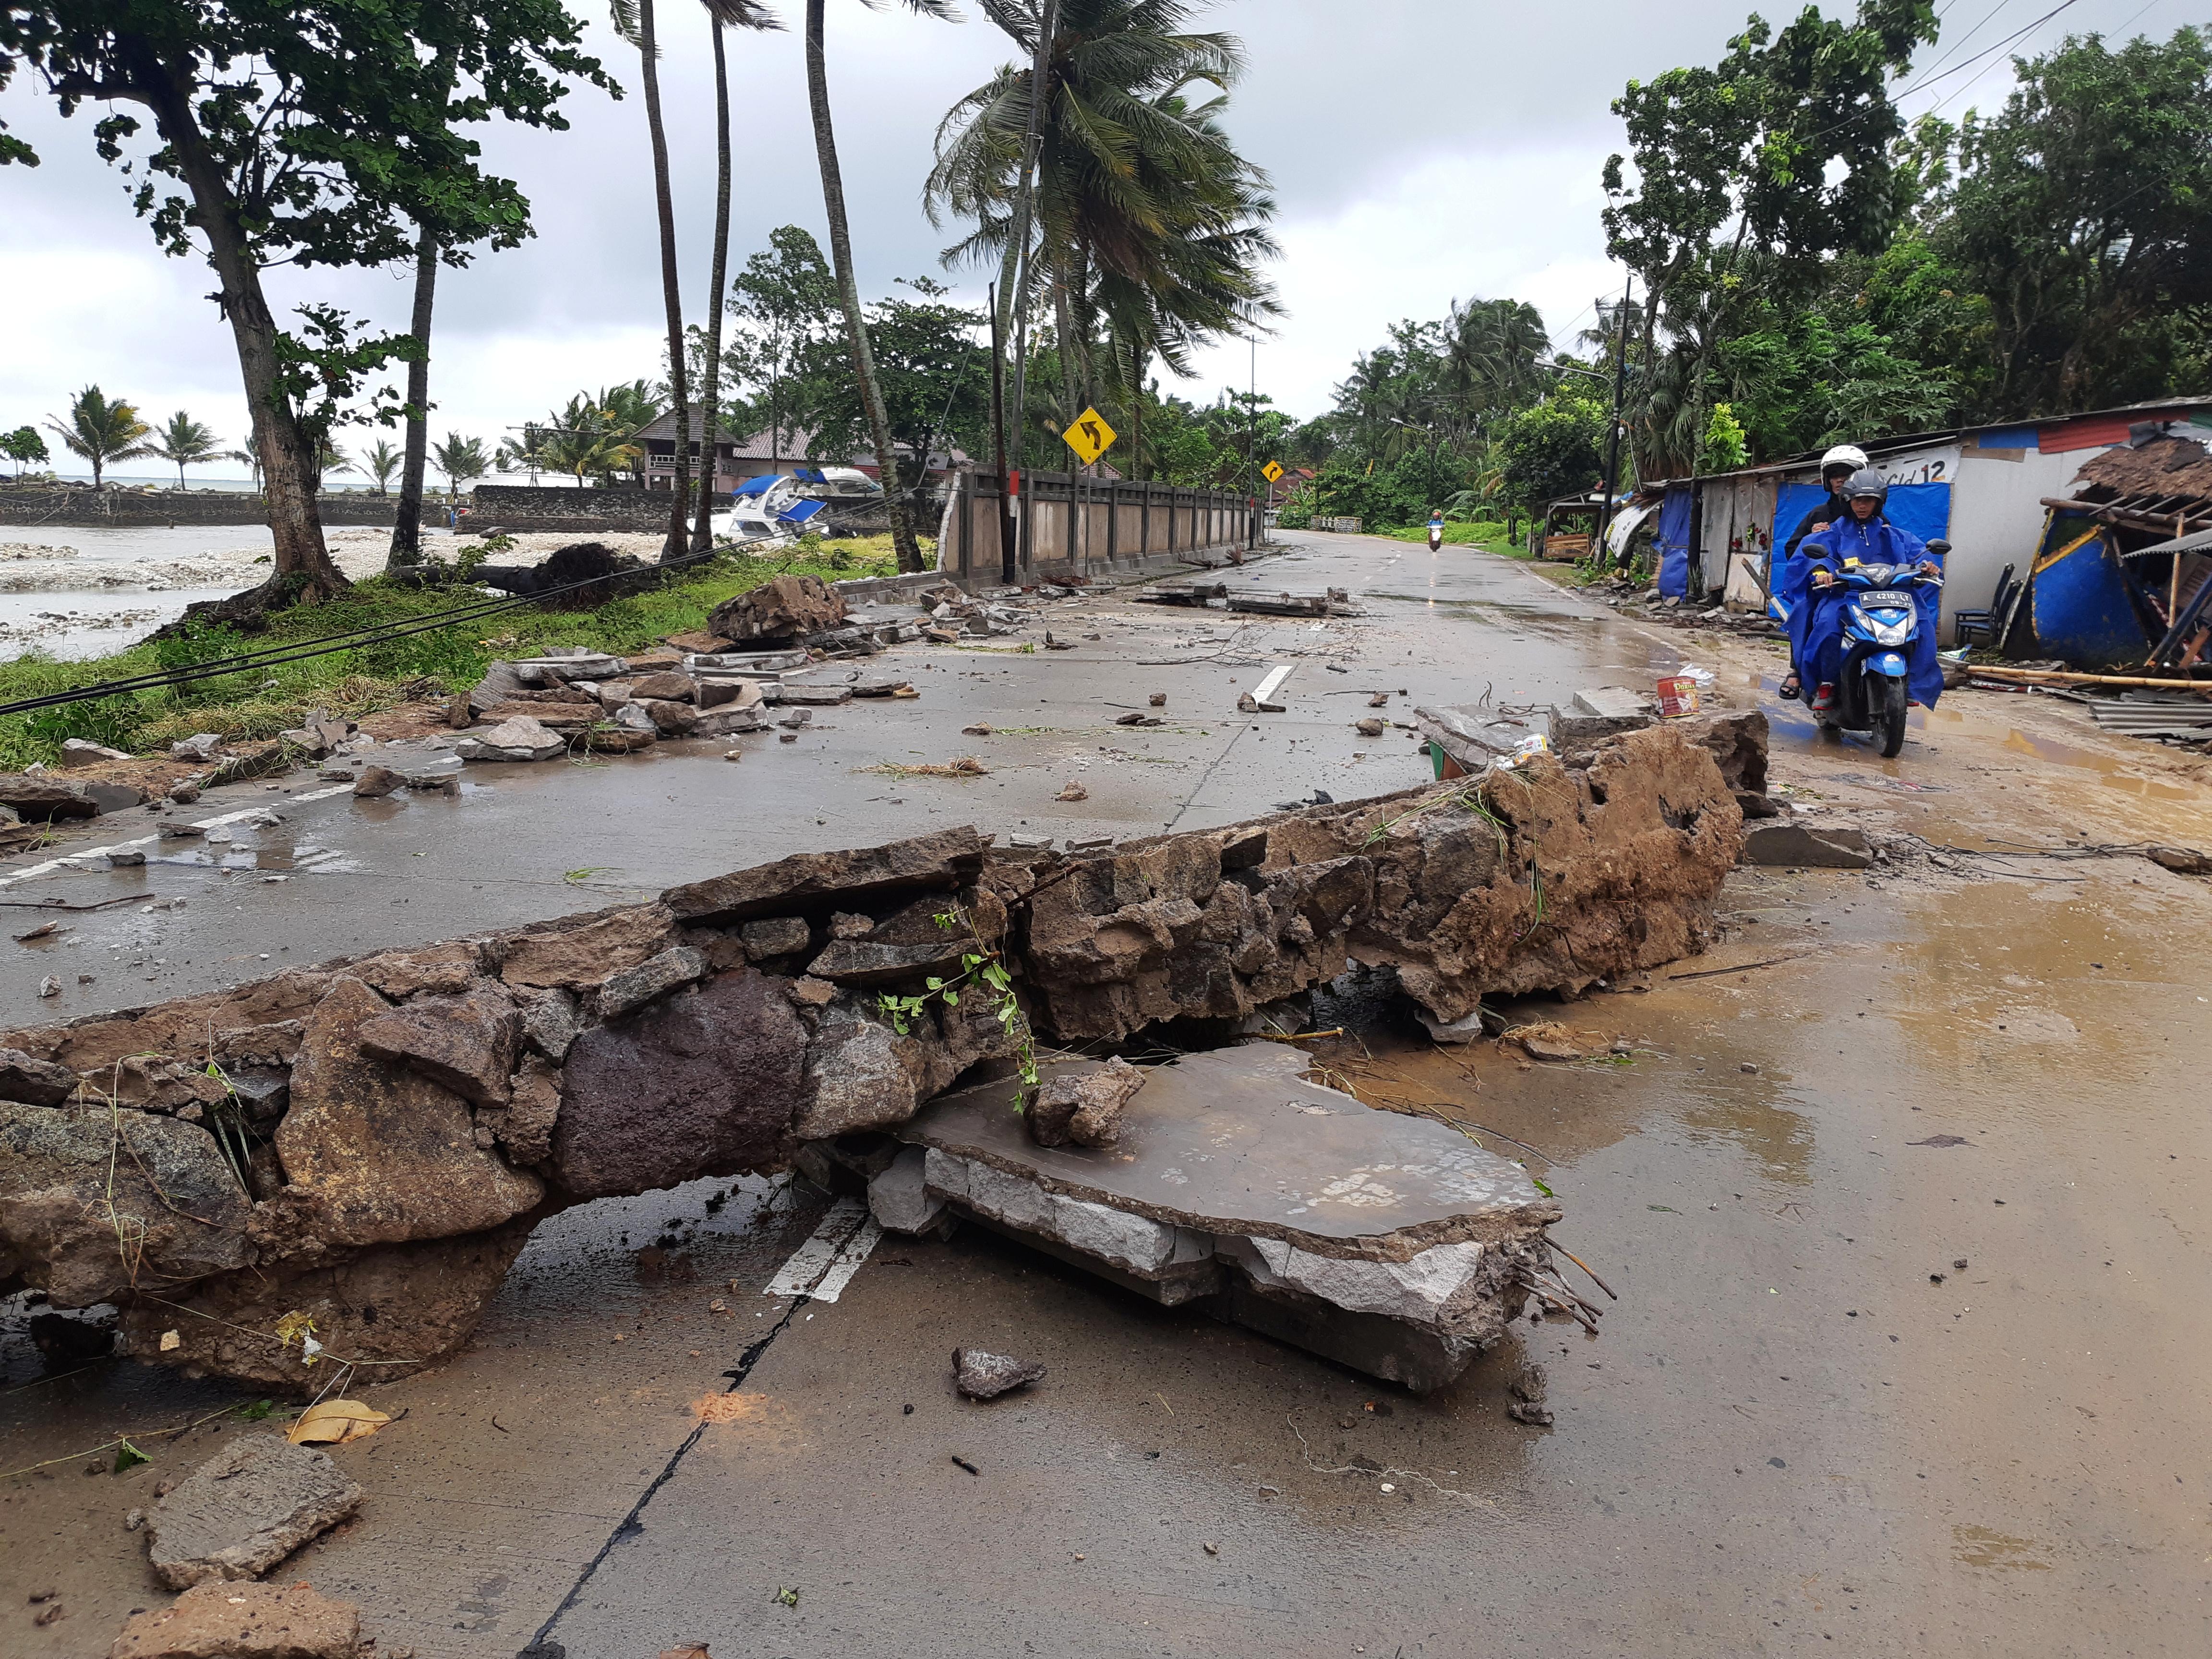 مواطن يسير على أرض تضررت بسبب تسونامي